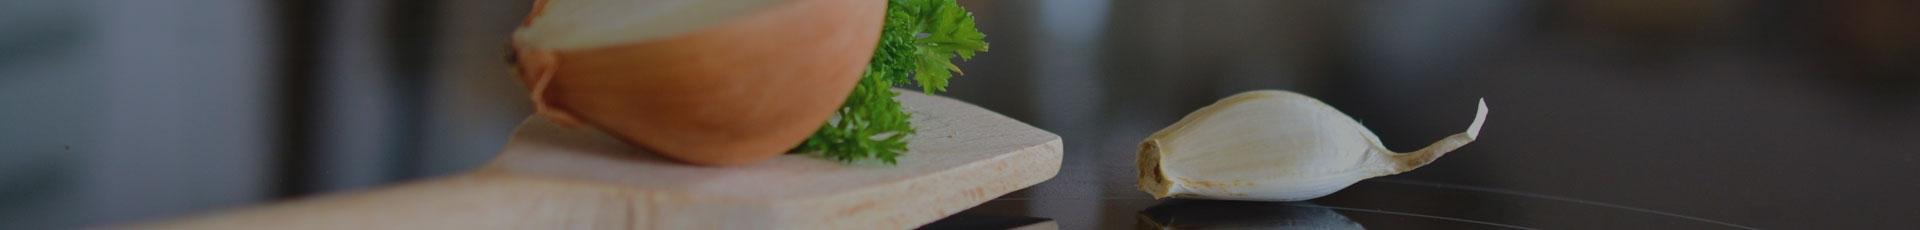 Οργάνωση και Διακόσμηση Κουζίνας έως 60% έκπτωση